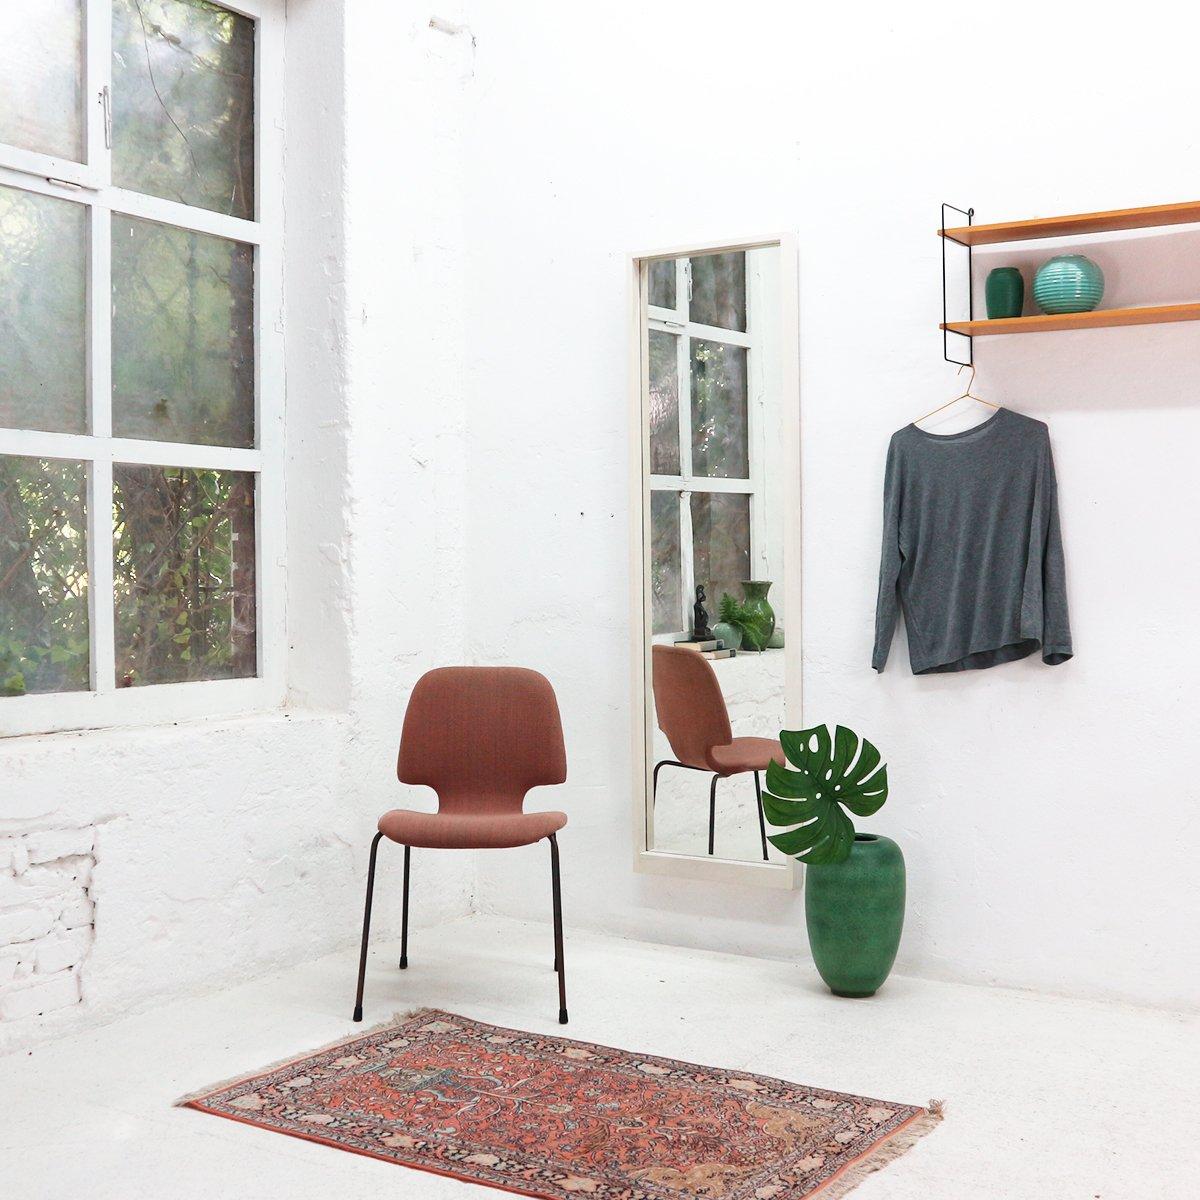 gro er wandspiegel mit wei em rahmen 1960er bei pamono kaufen. Black Bedroom Furniture Sets. Home Design Ideas